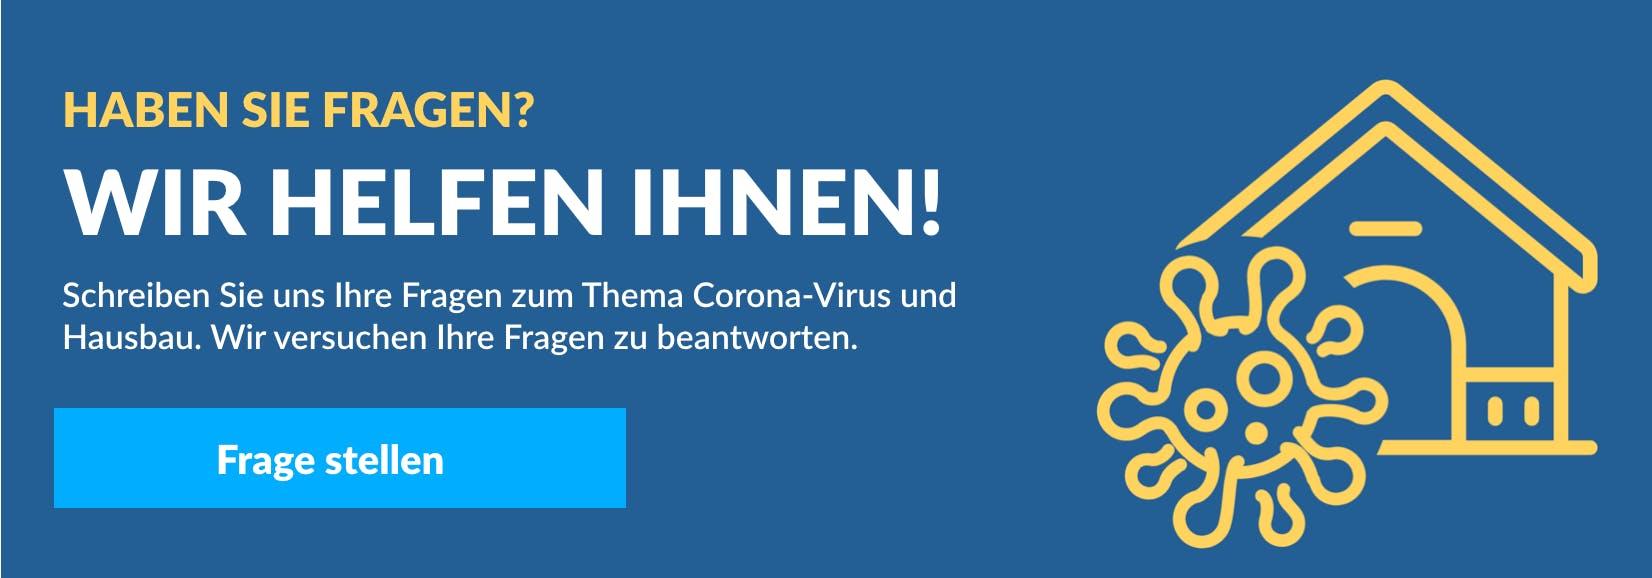 Schreiben sie uns Ihre Fragen zum Thema Corona Virus